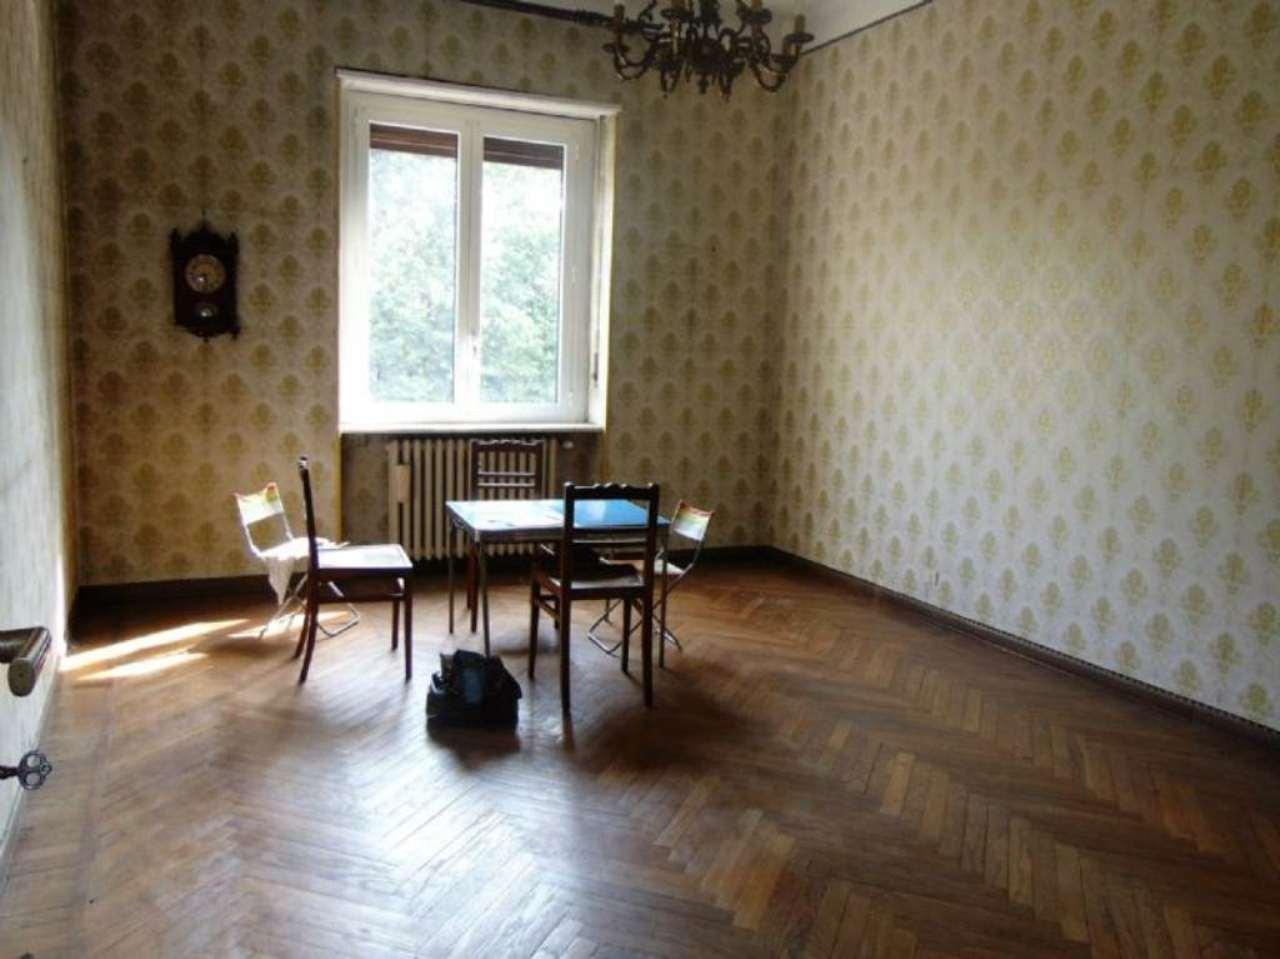 Appartamento in vendita a Buttigliera Alta, 6 locali, prezzo € 135.000 | Cambio Casa.it